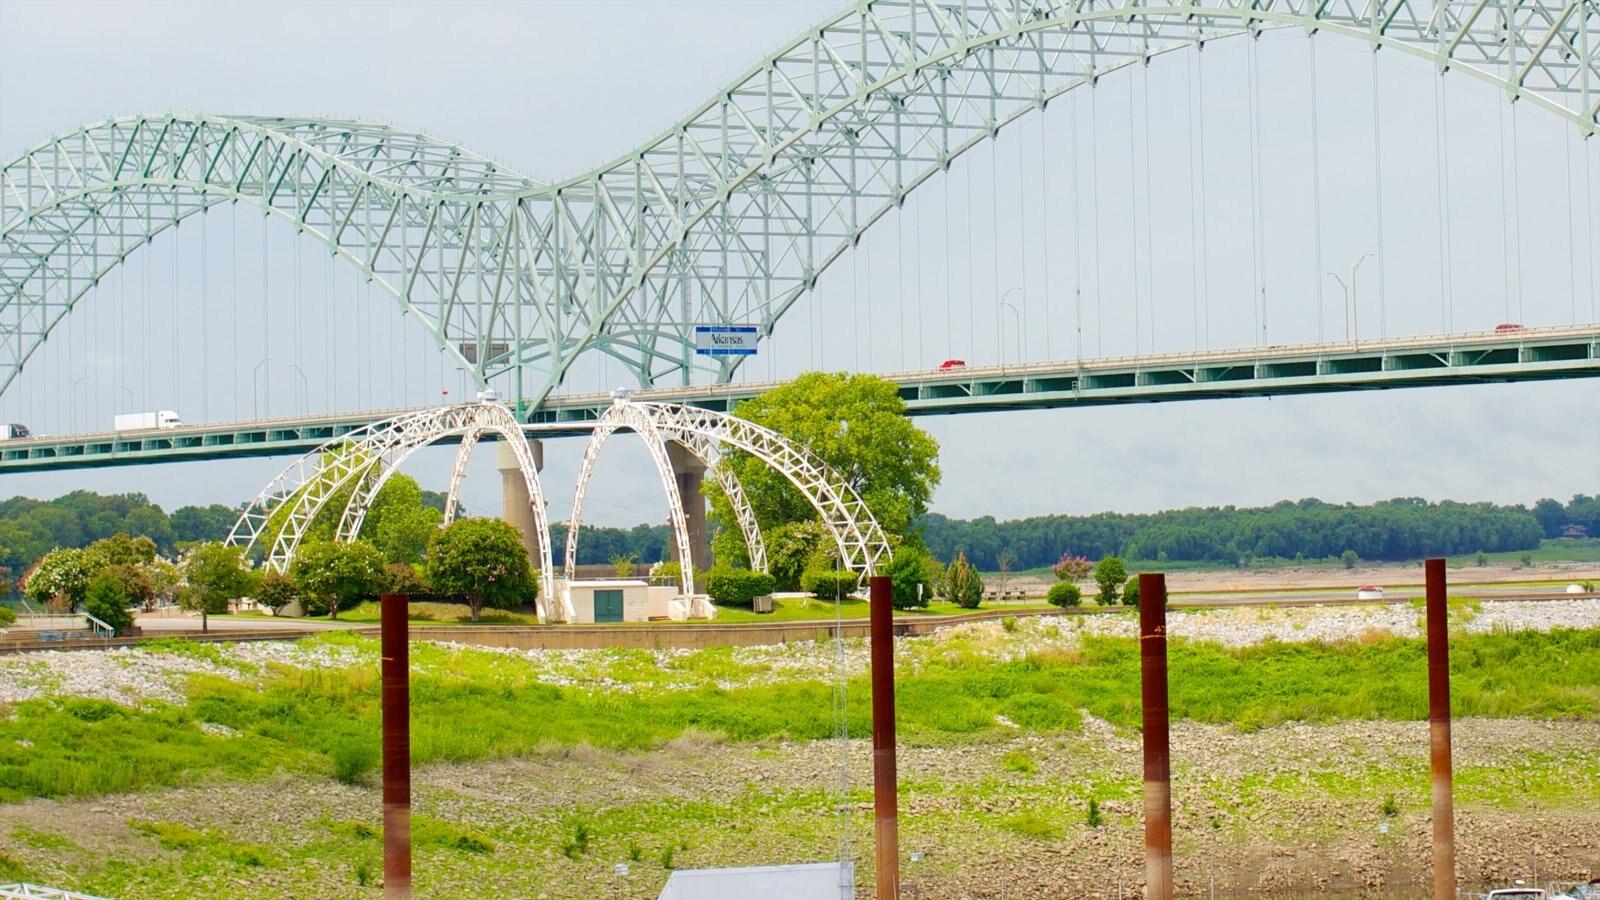 Memphis que inclui arquitetura moderna e uma ponte